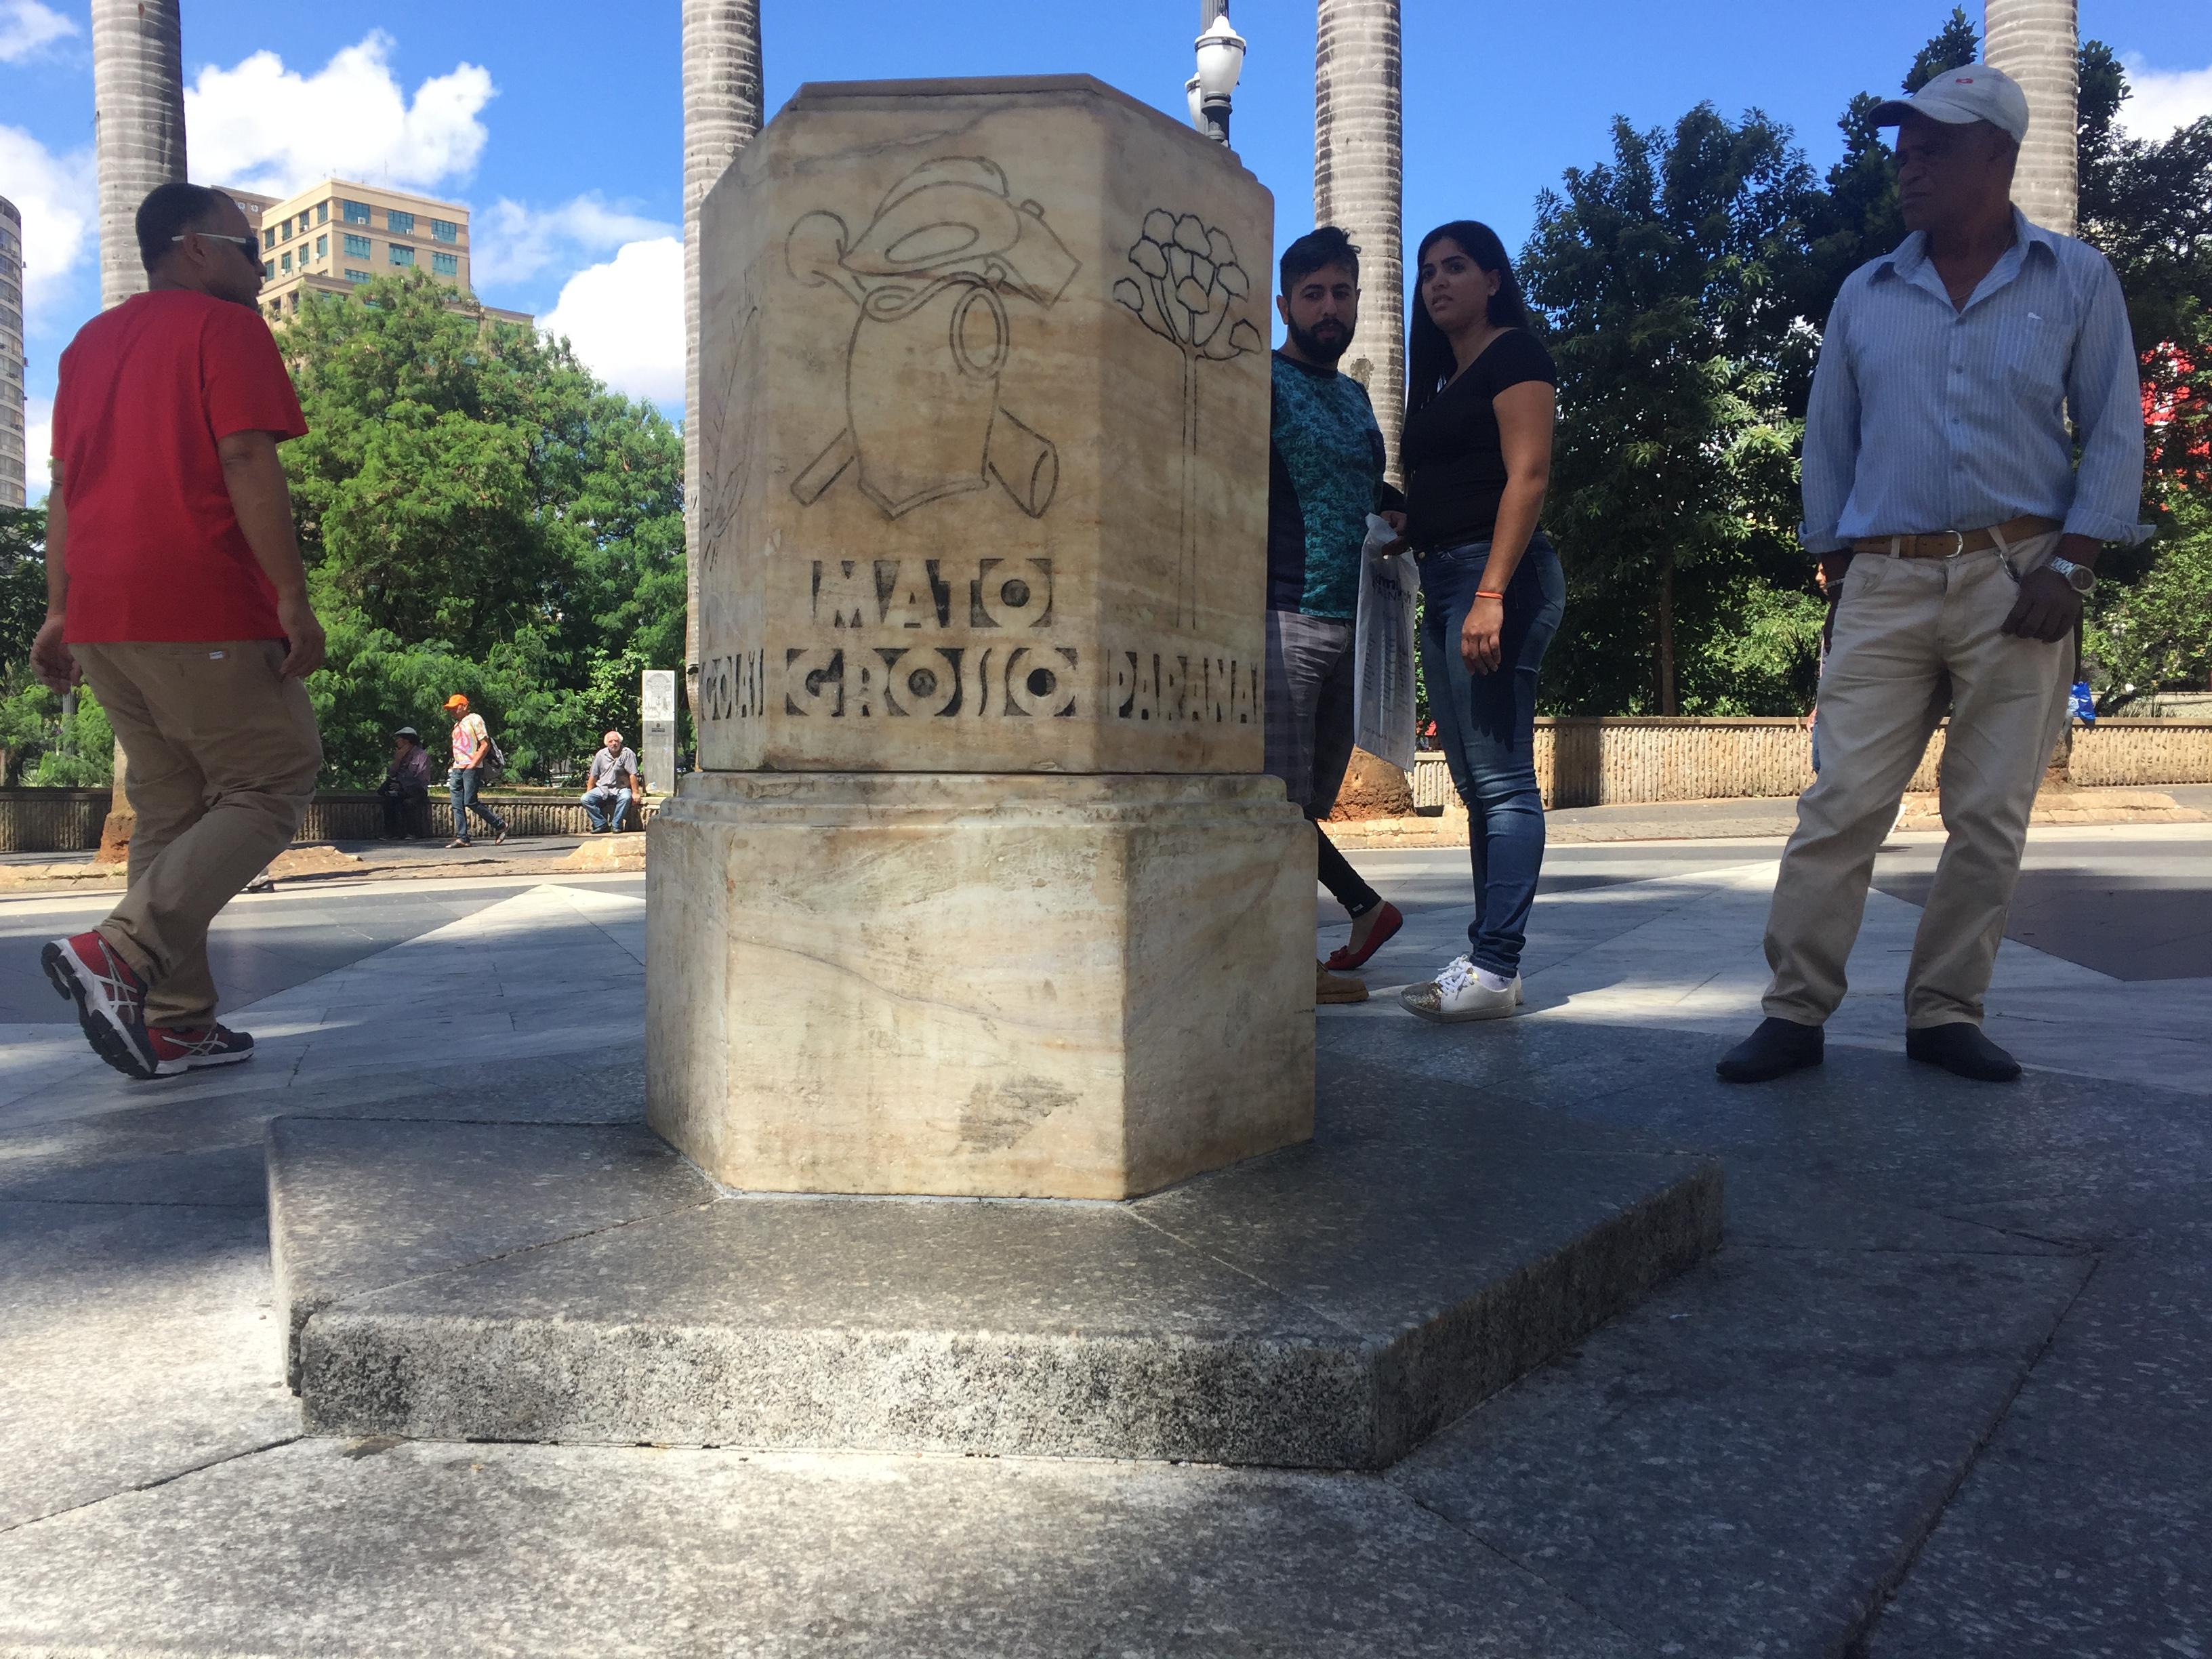 File:Interação Social 2 com Monumento Marco Zero.jpg - Wikimedia Commons